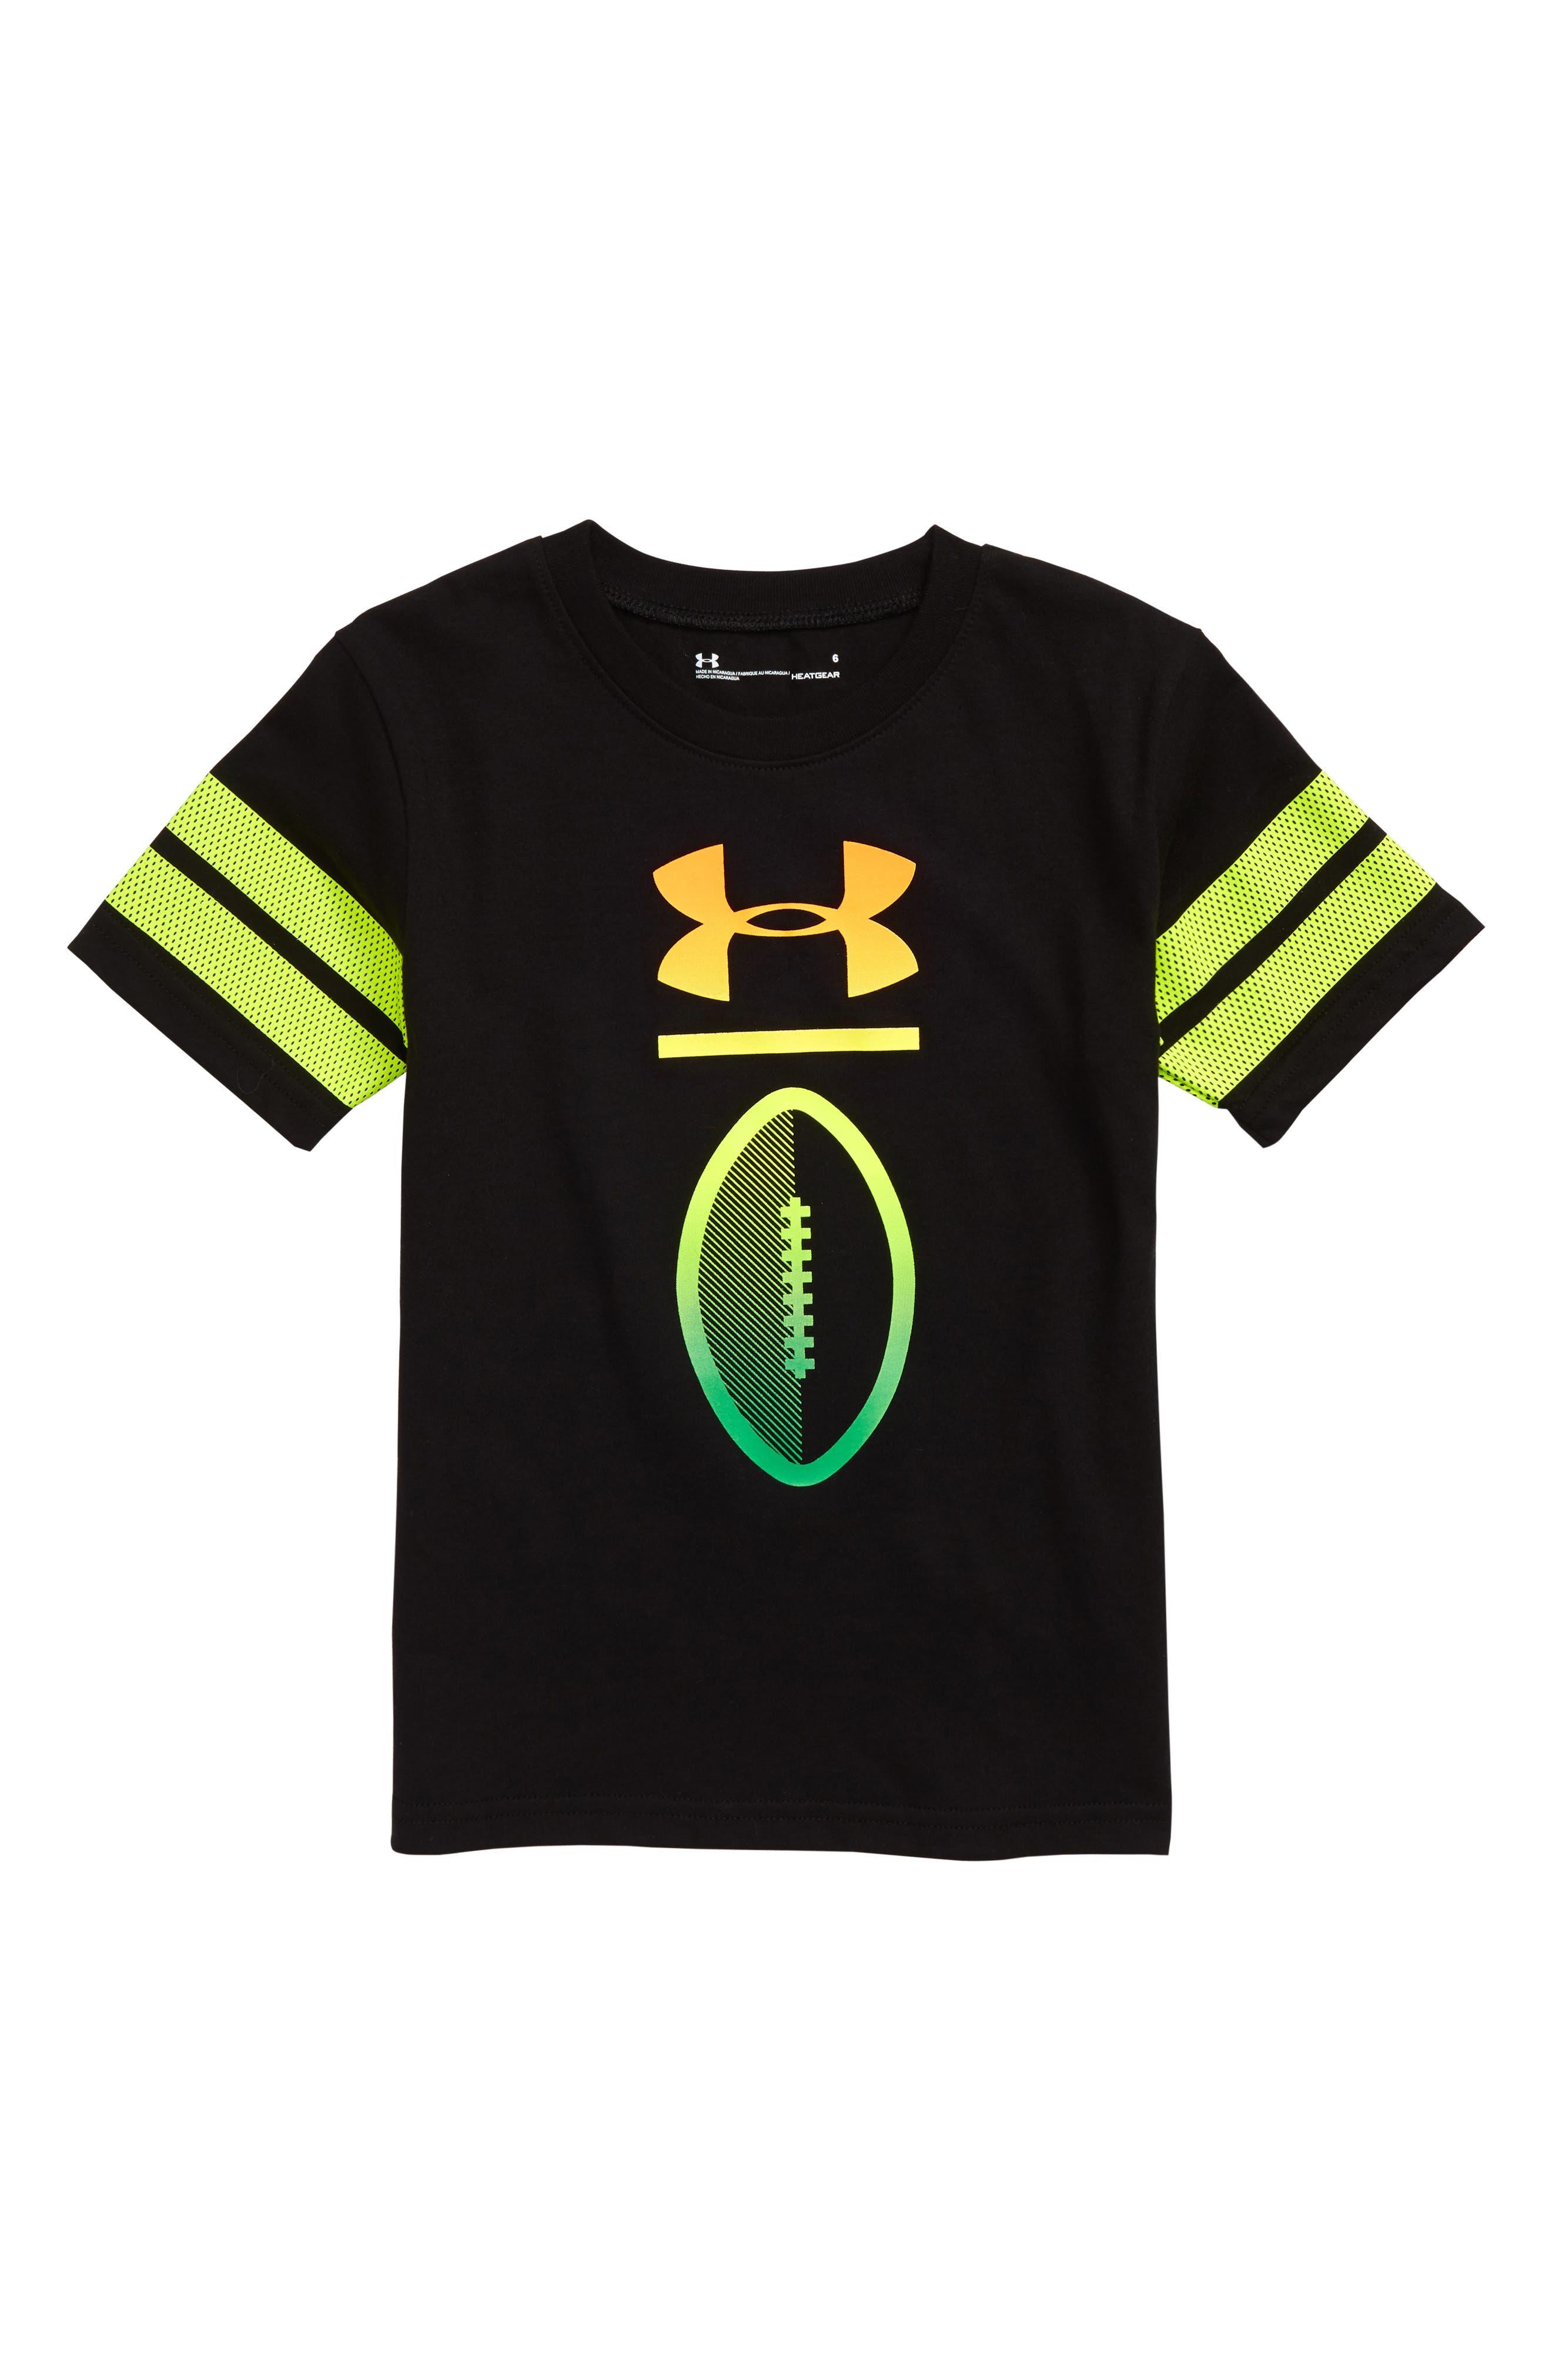 Boys Under Armour Heatgear Varsity Football TShirt Size 6  Black